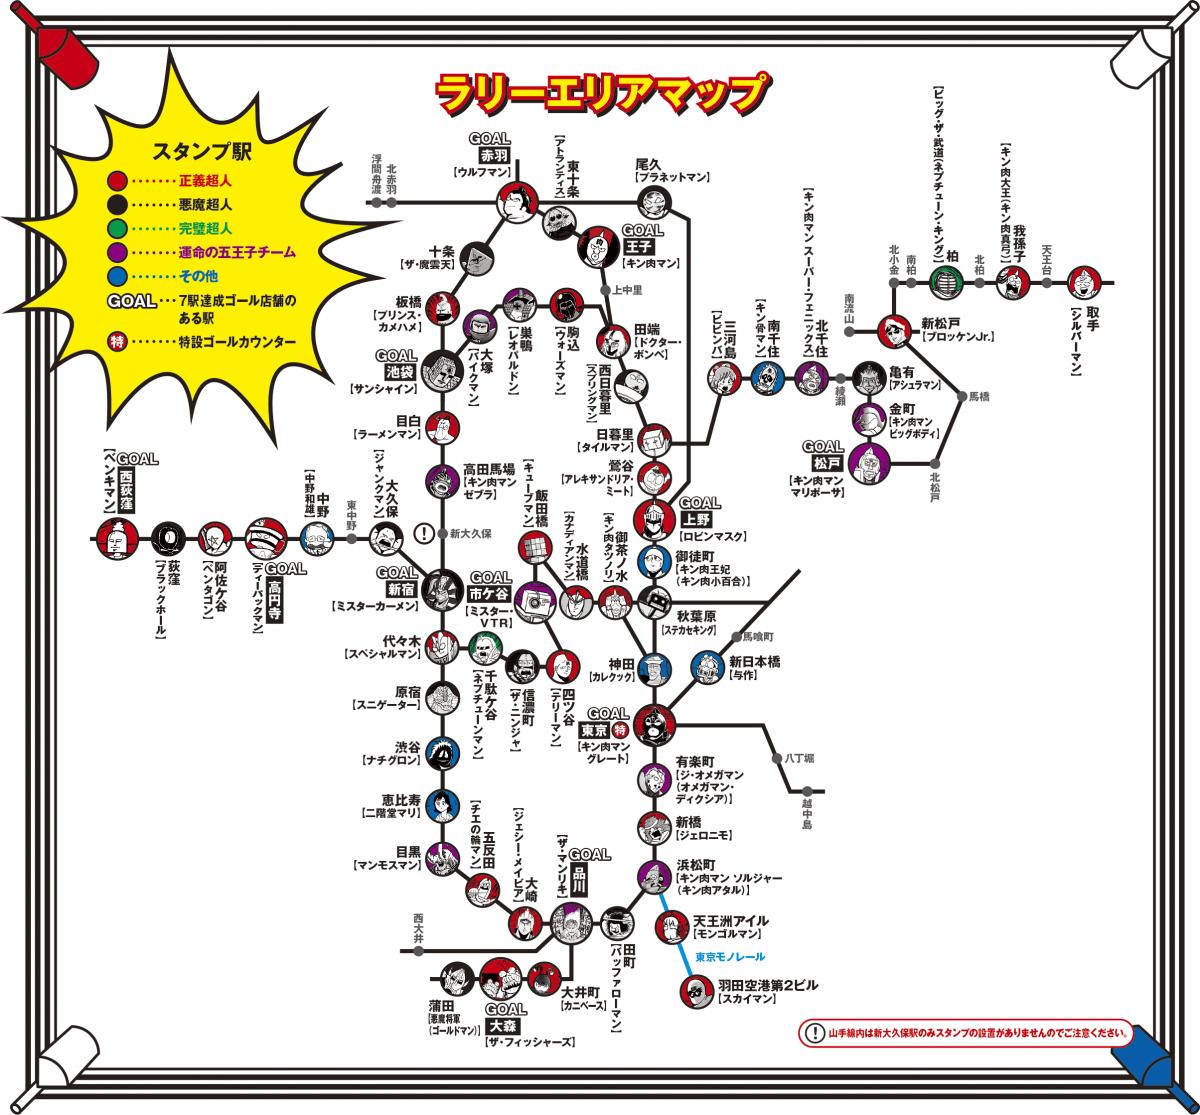 キン肉マンスタンプラリーエリアマップ ©ゆでたまご/集英社